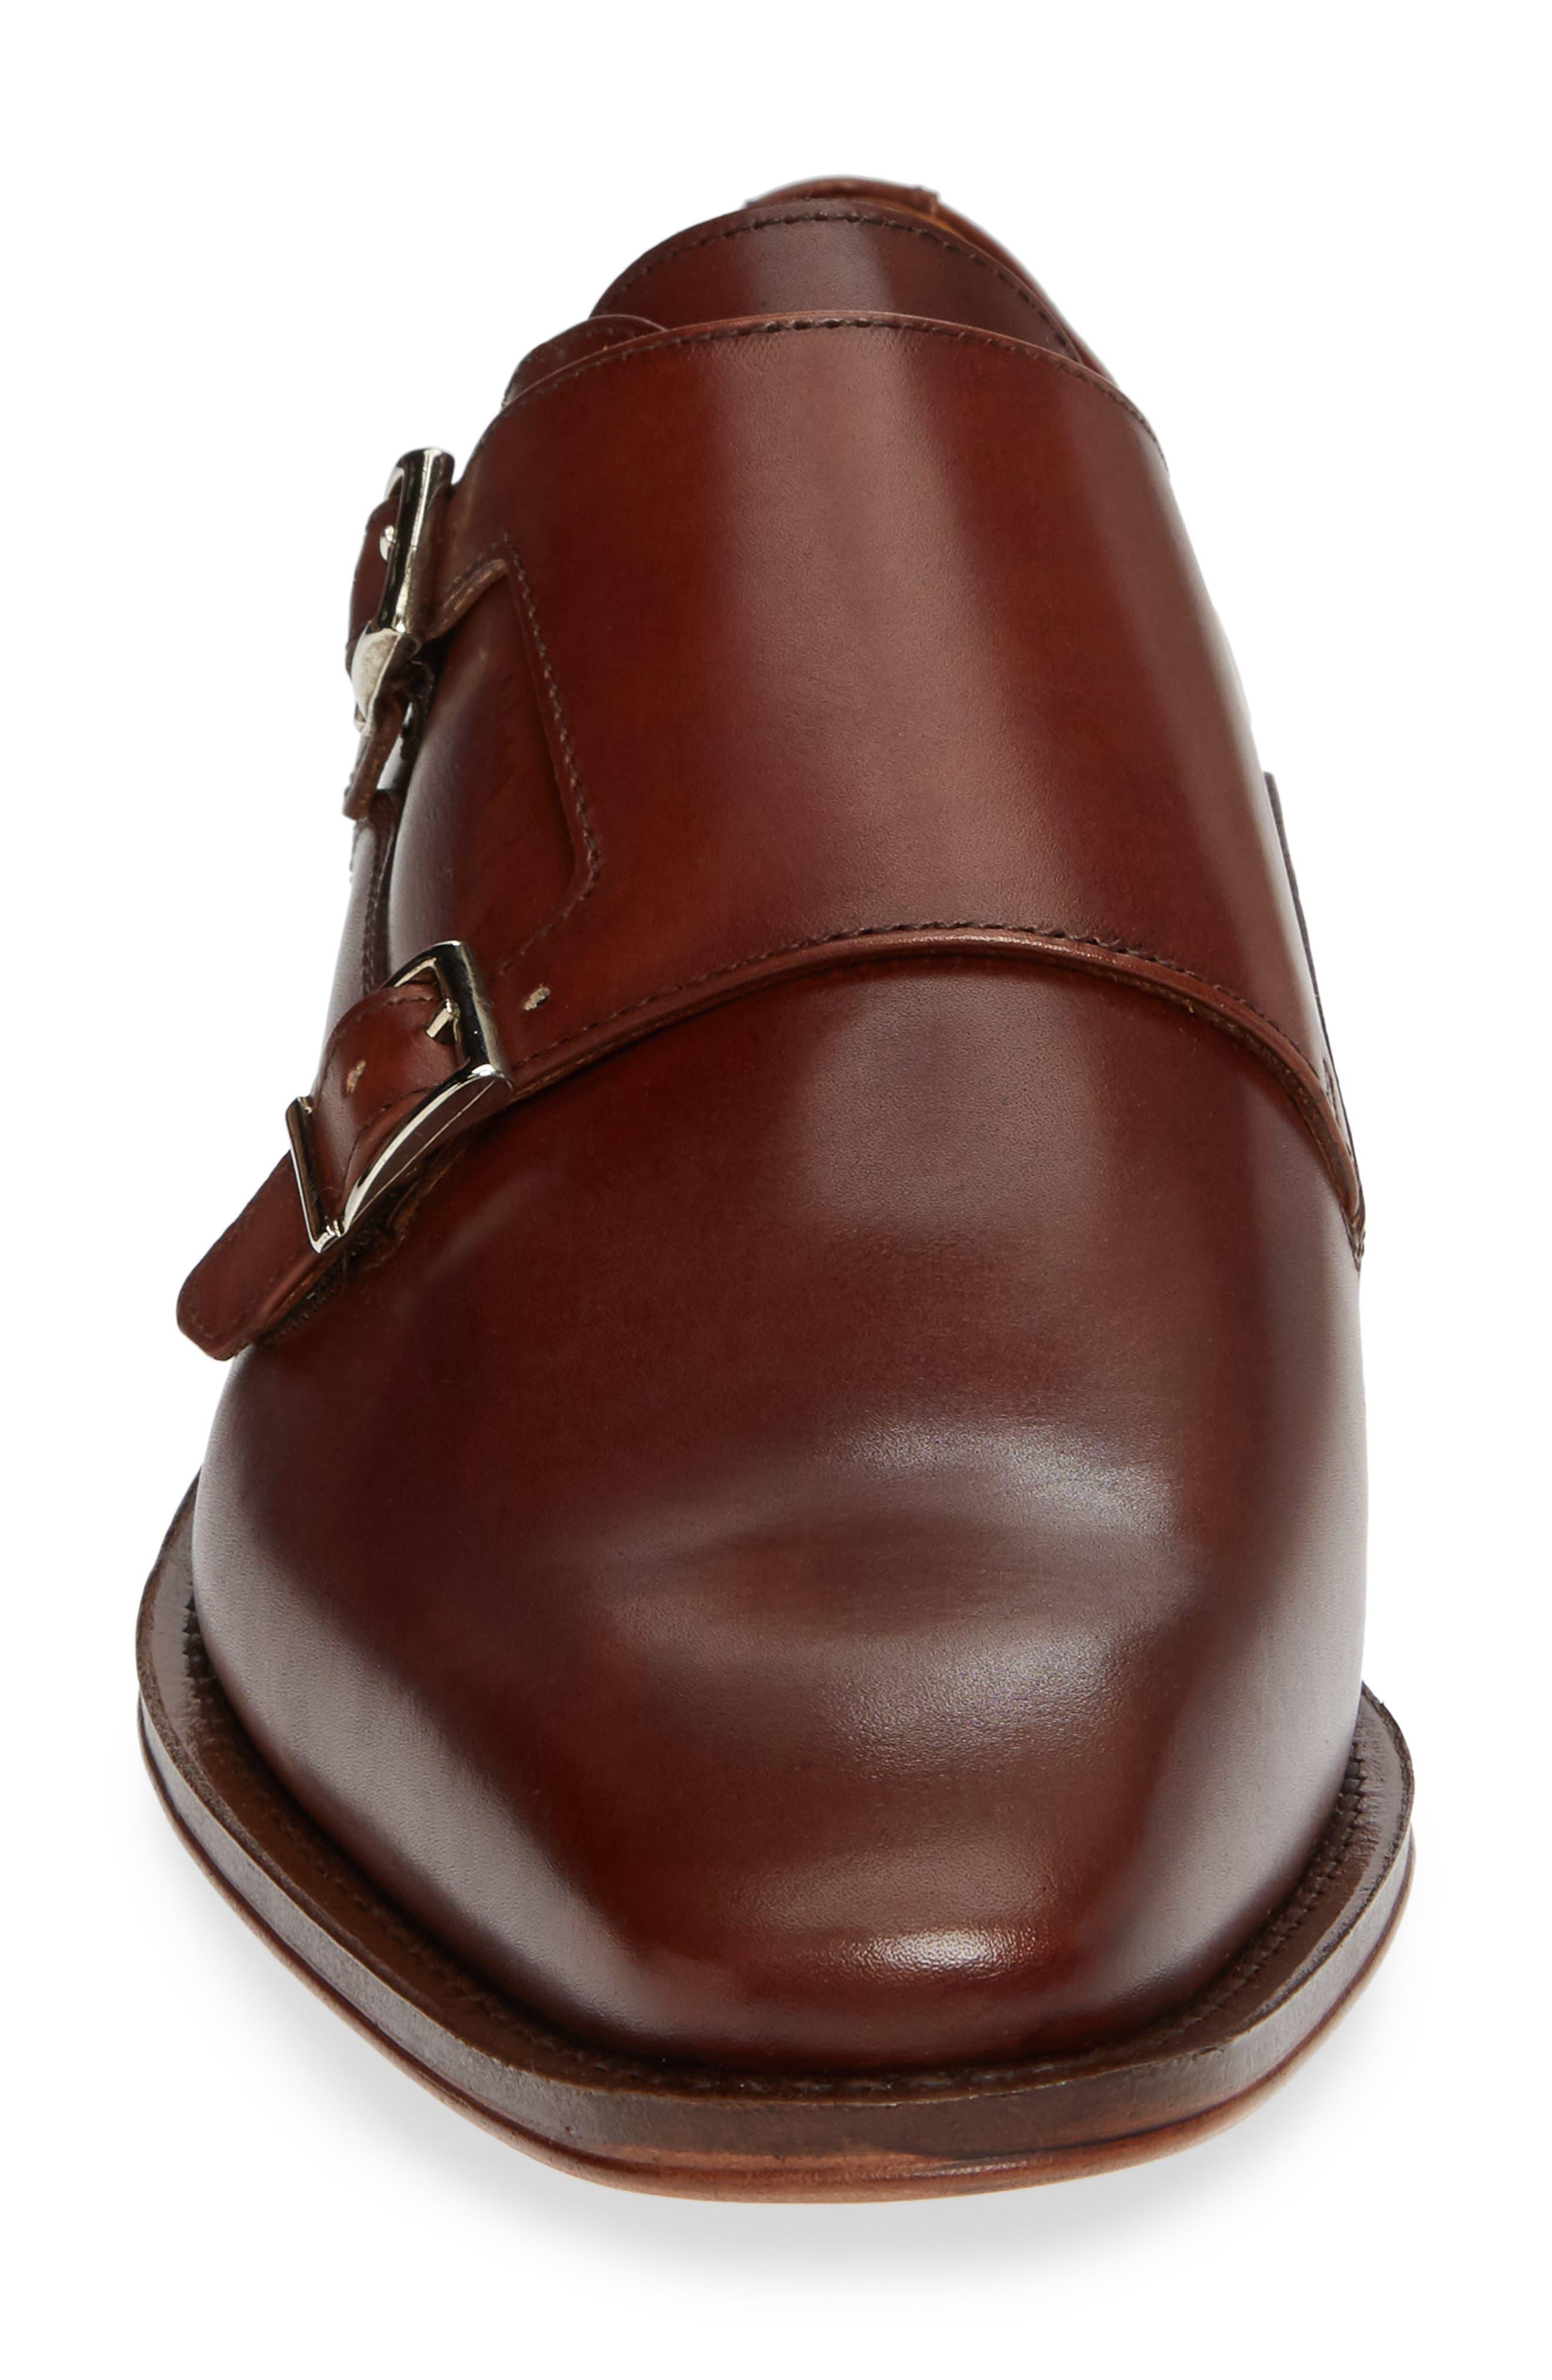 Trento Double Monk Strap Shoe,                             Alternate thumbnail 4, color,                             236